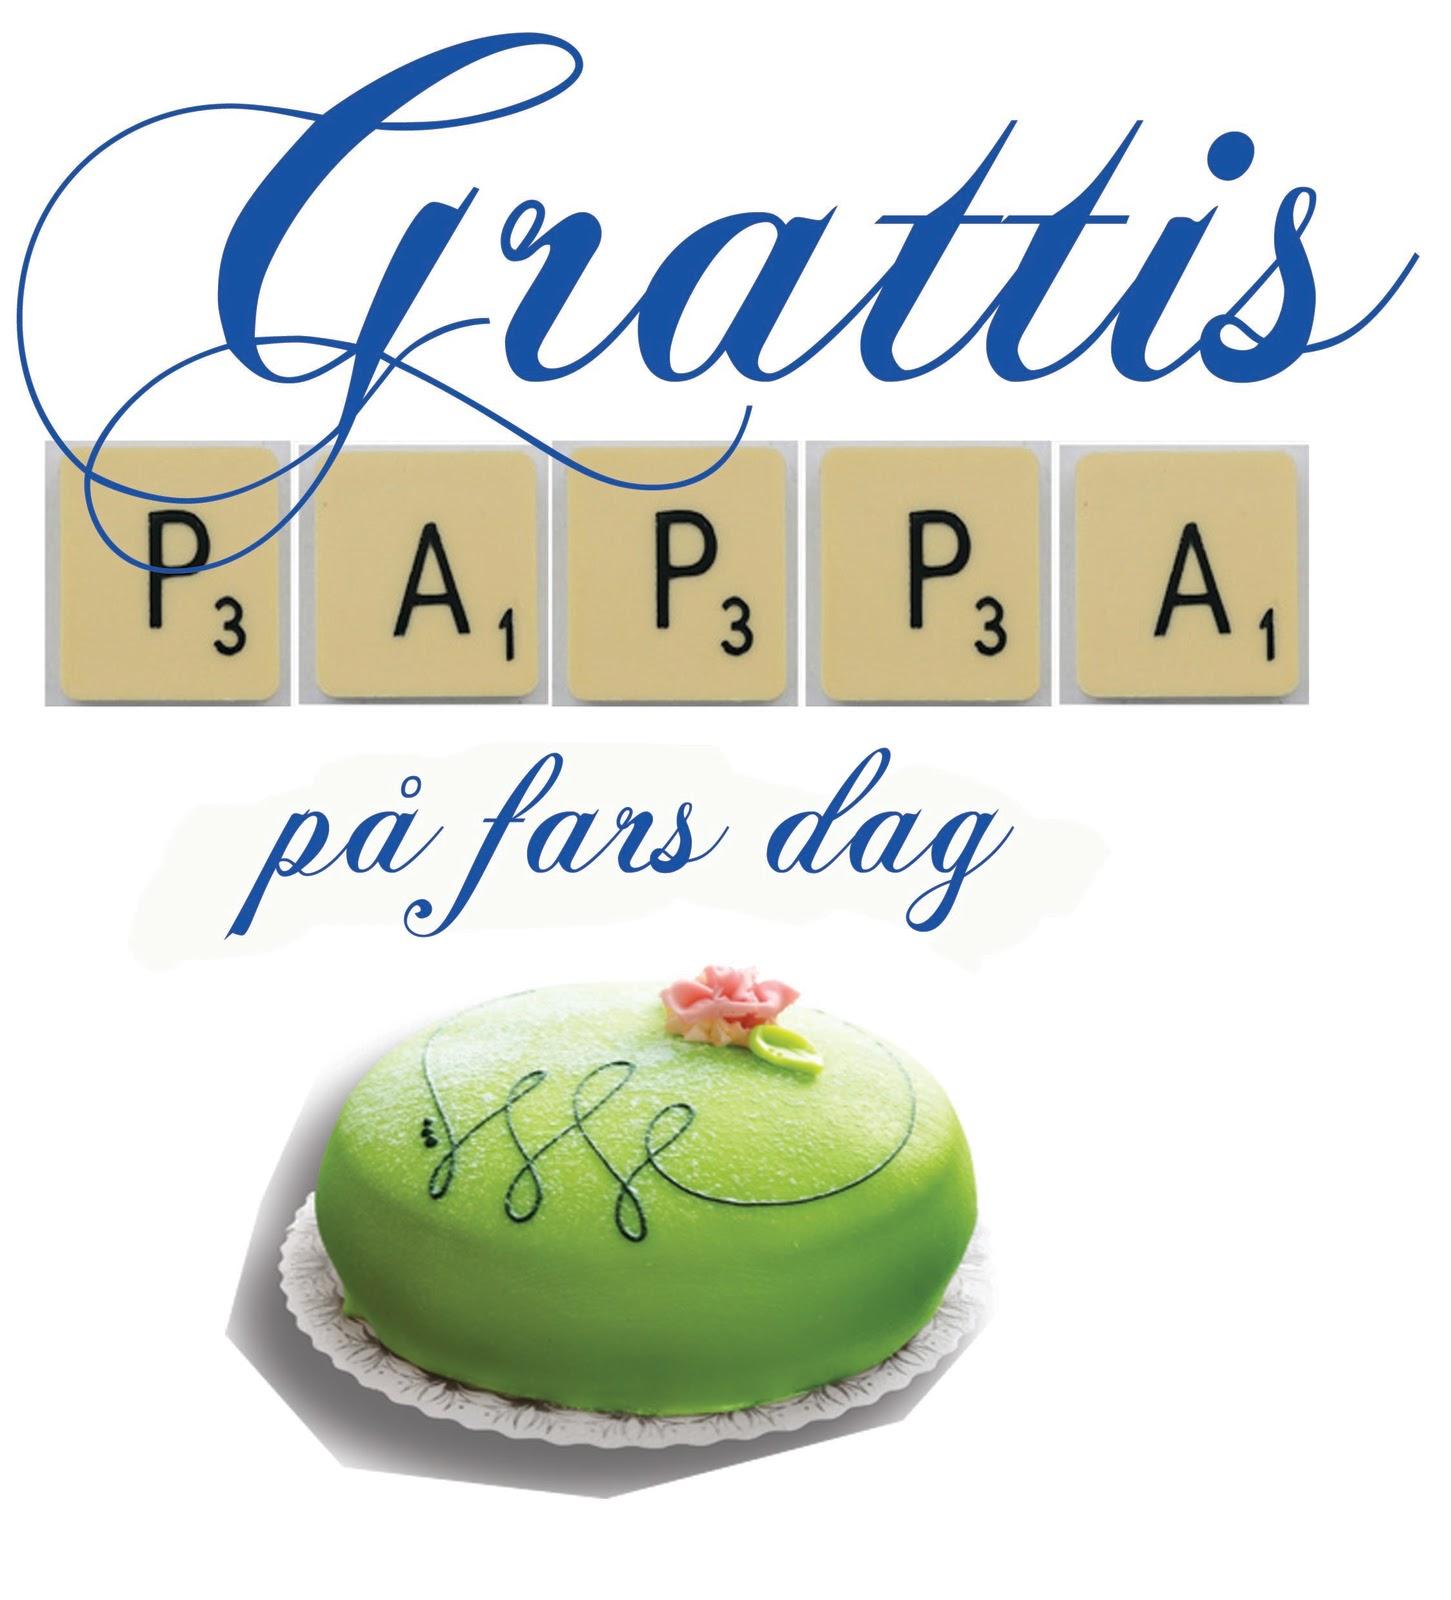 grattis på farsdag pappa Fars dag | Karoleen grattis på farsdag pappa